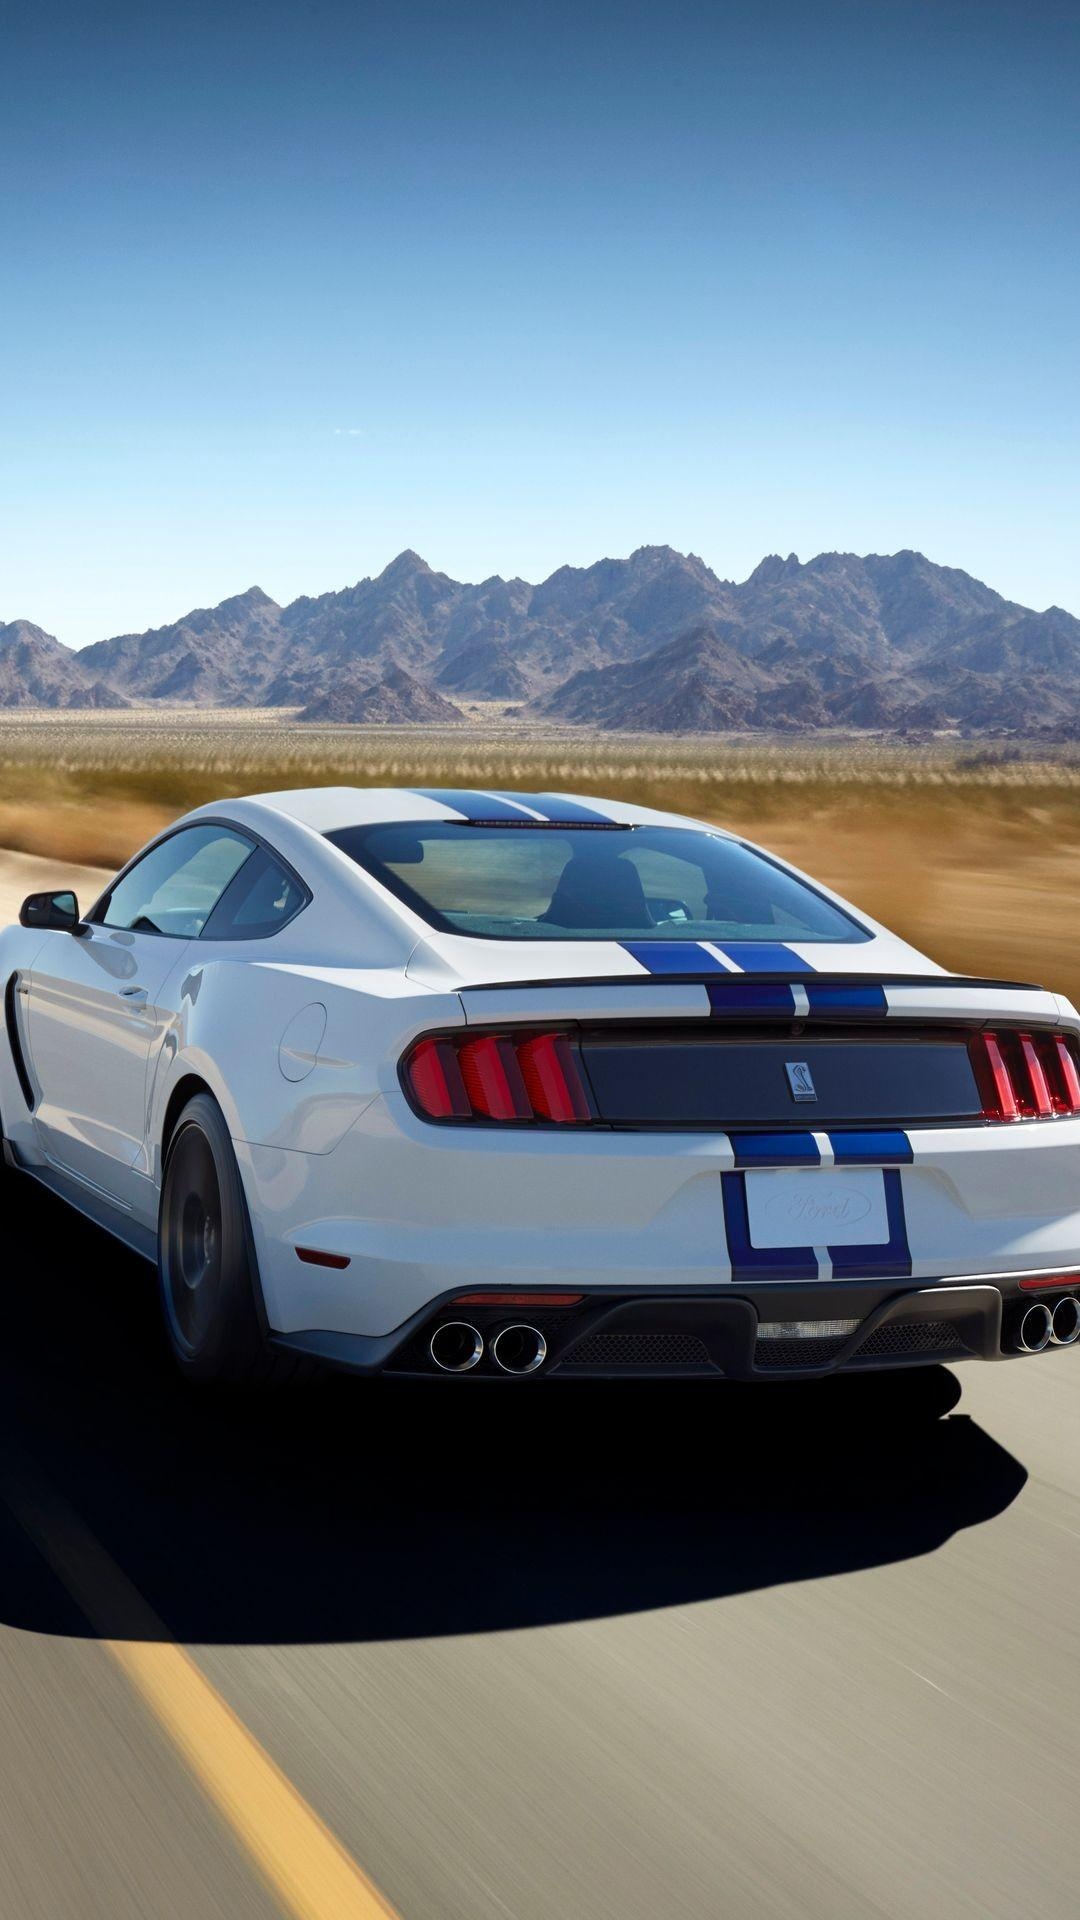 Mustang Car iPhone Wallpapers - Wallpaper Cave